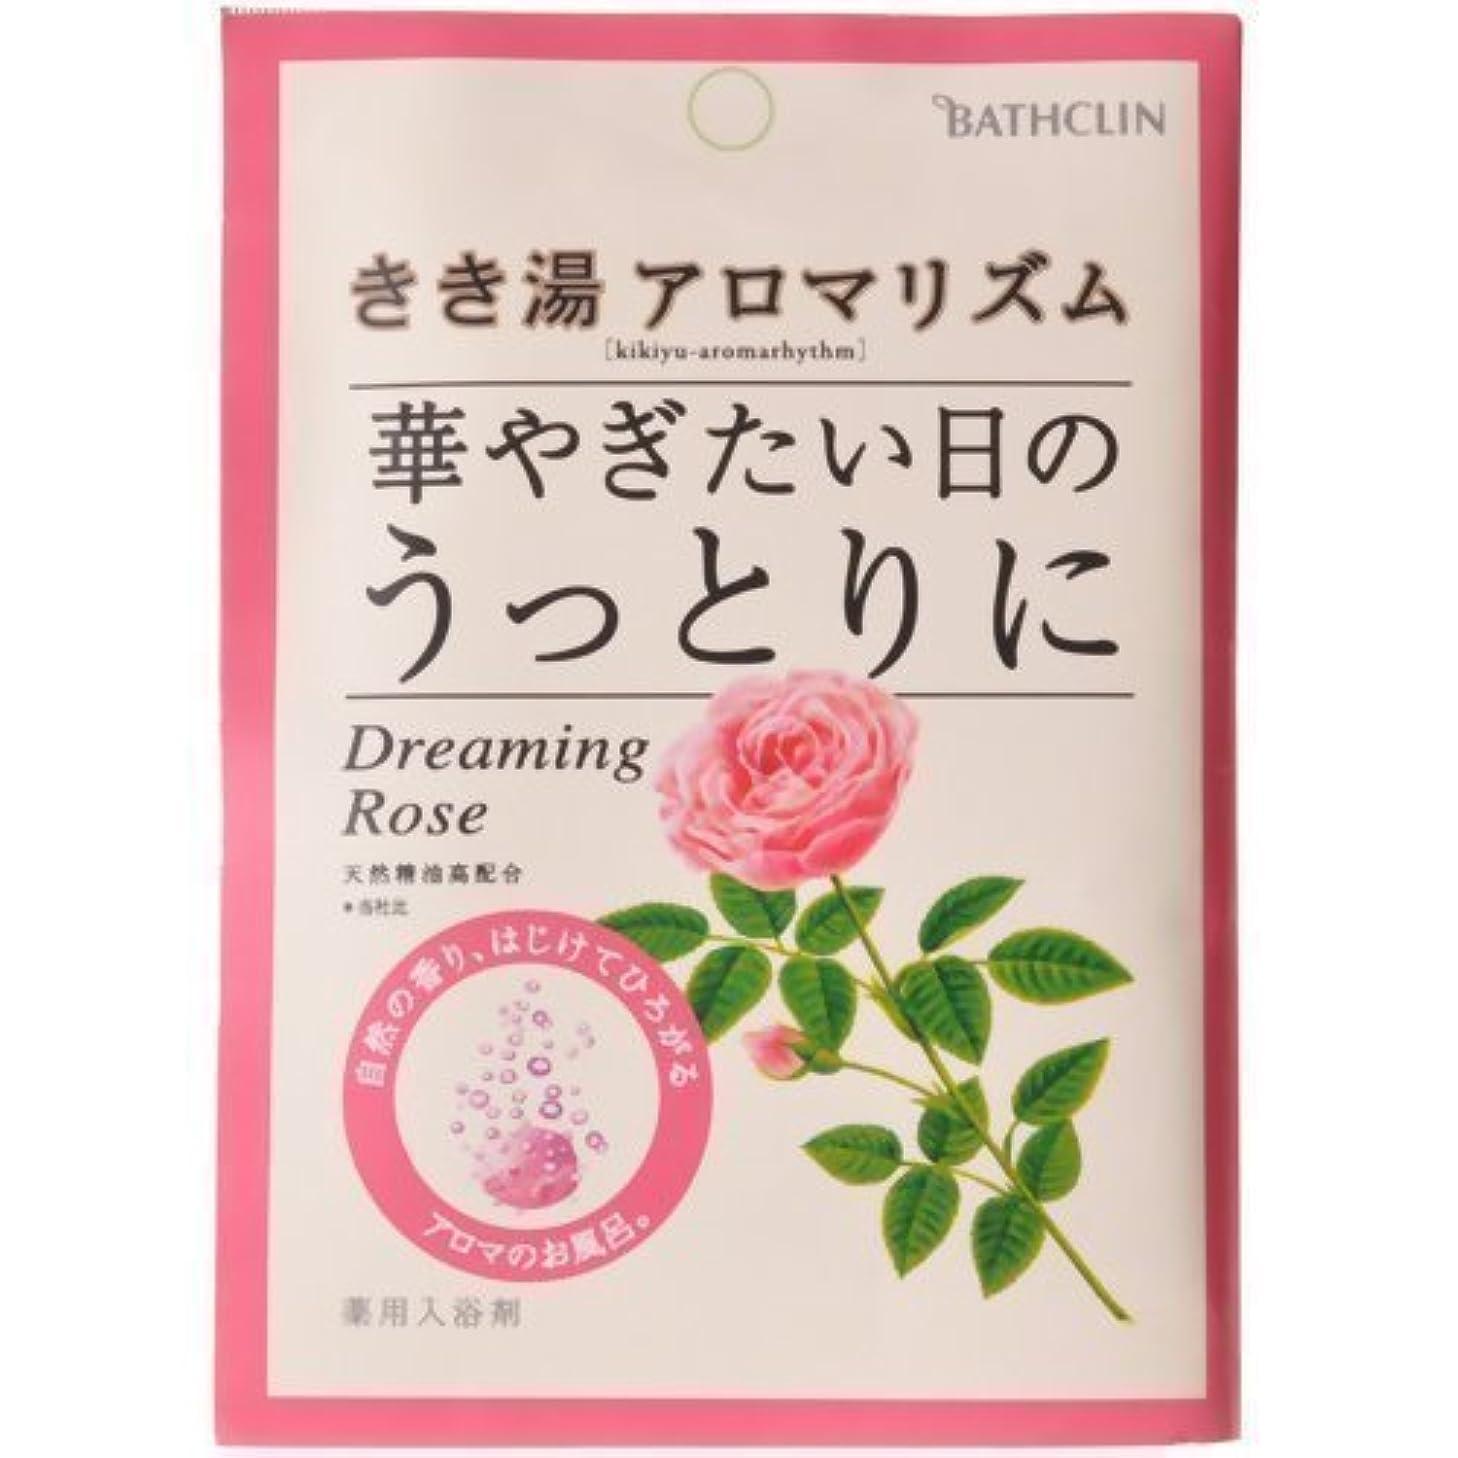 エネルギークラスドレス【まとめ買い】きき湯 アロマリズム ドリーミングローズの香り 30g ×4個